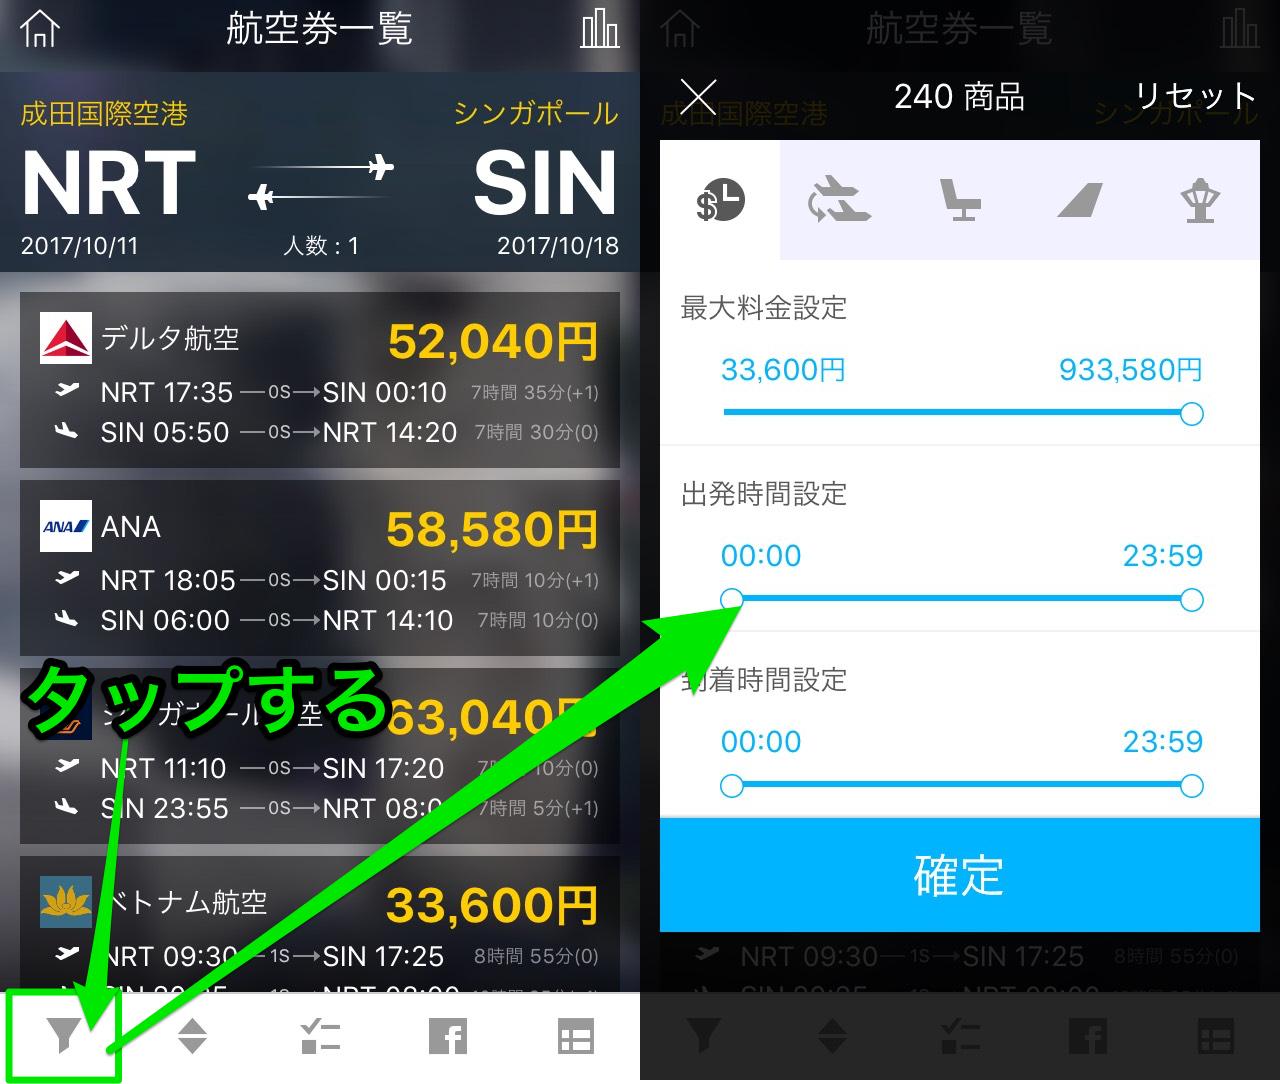 H.I.S.アプリ「航空券・ホテル」で航空券を選択